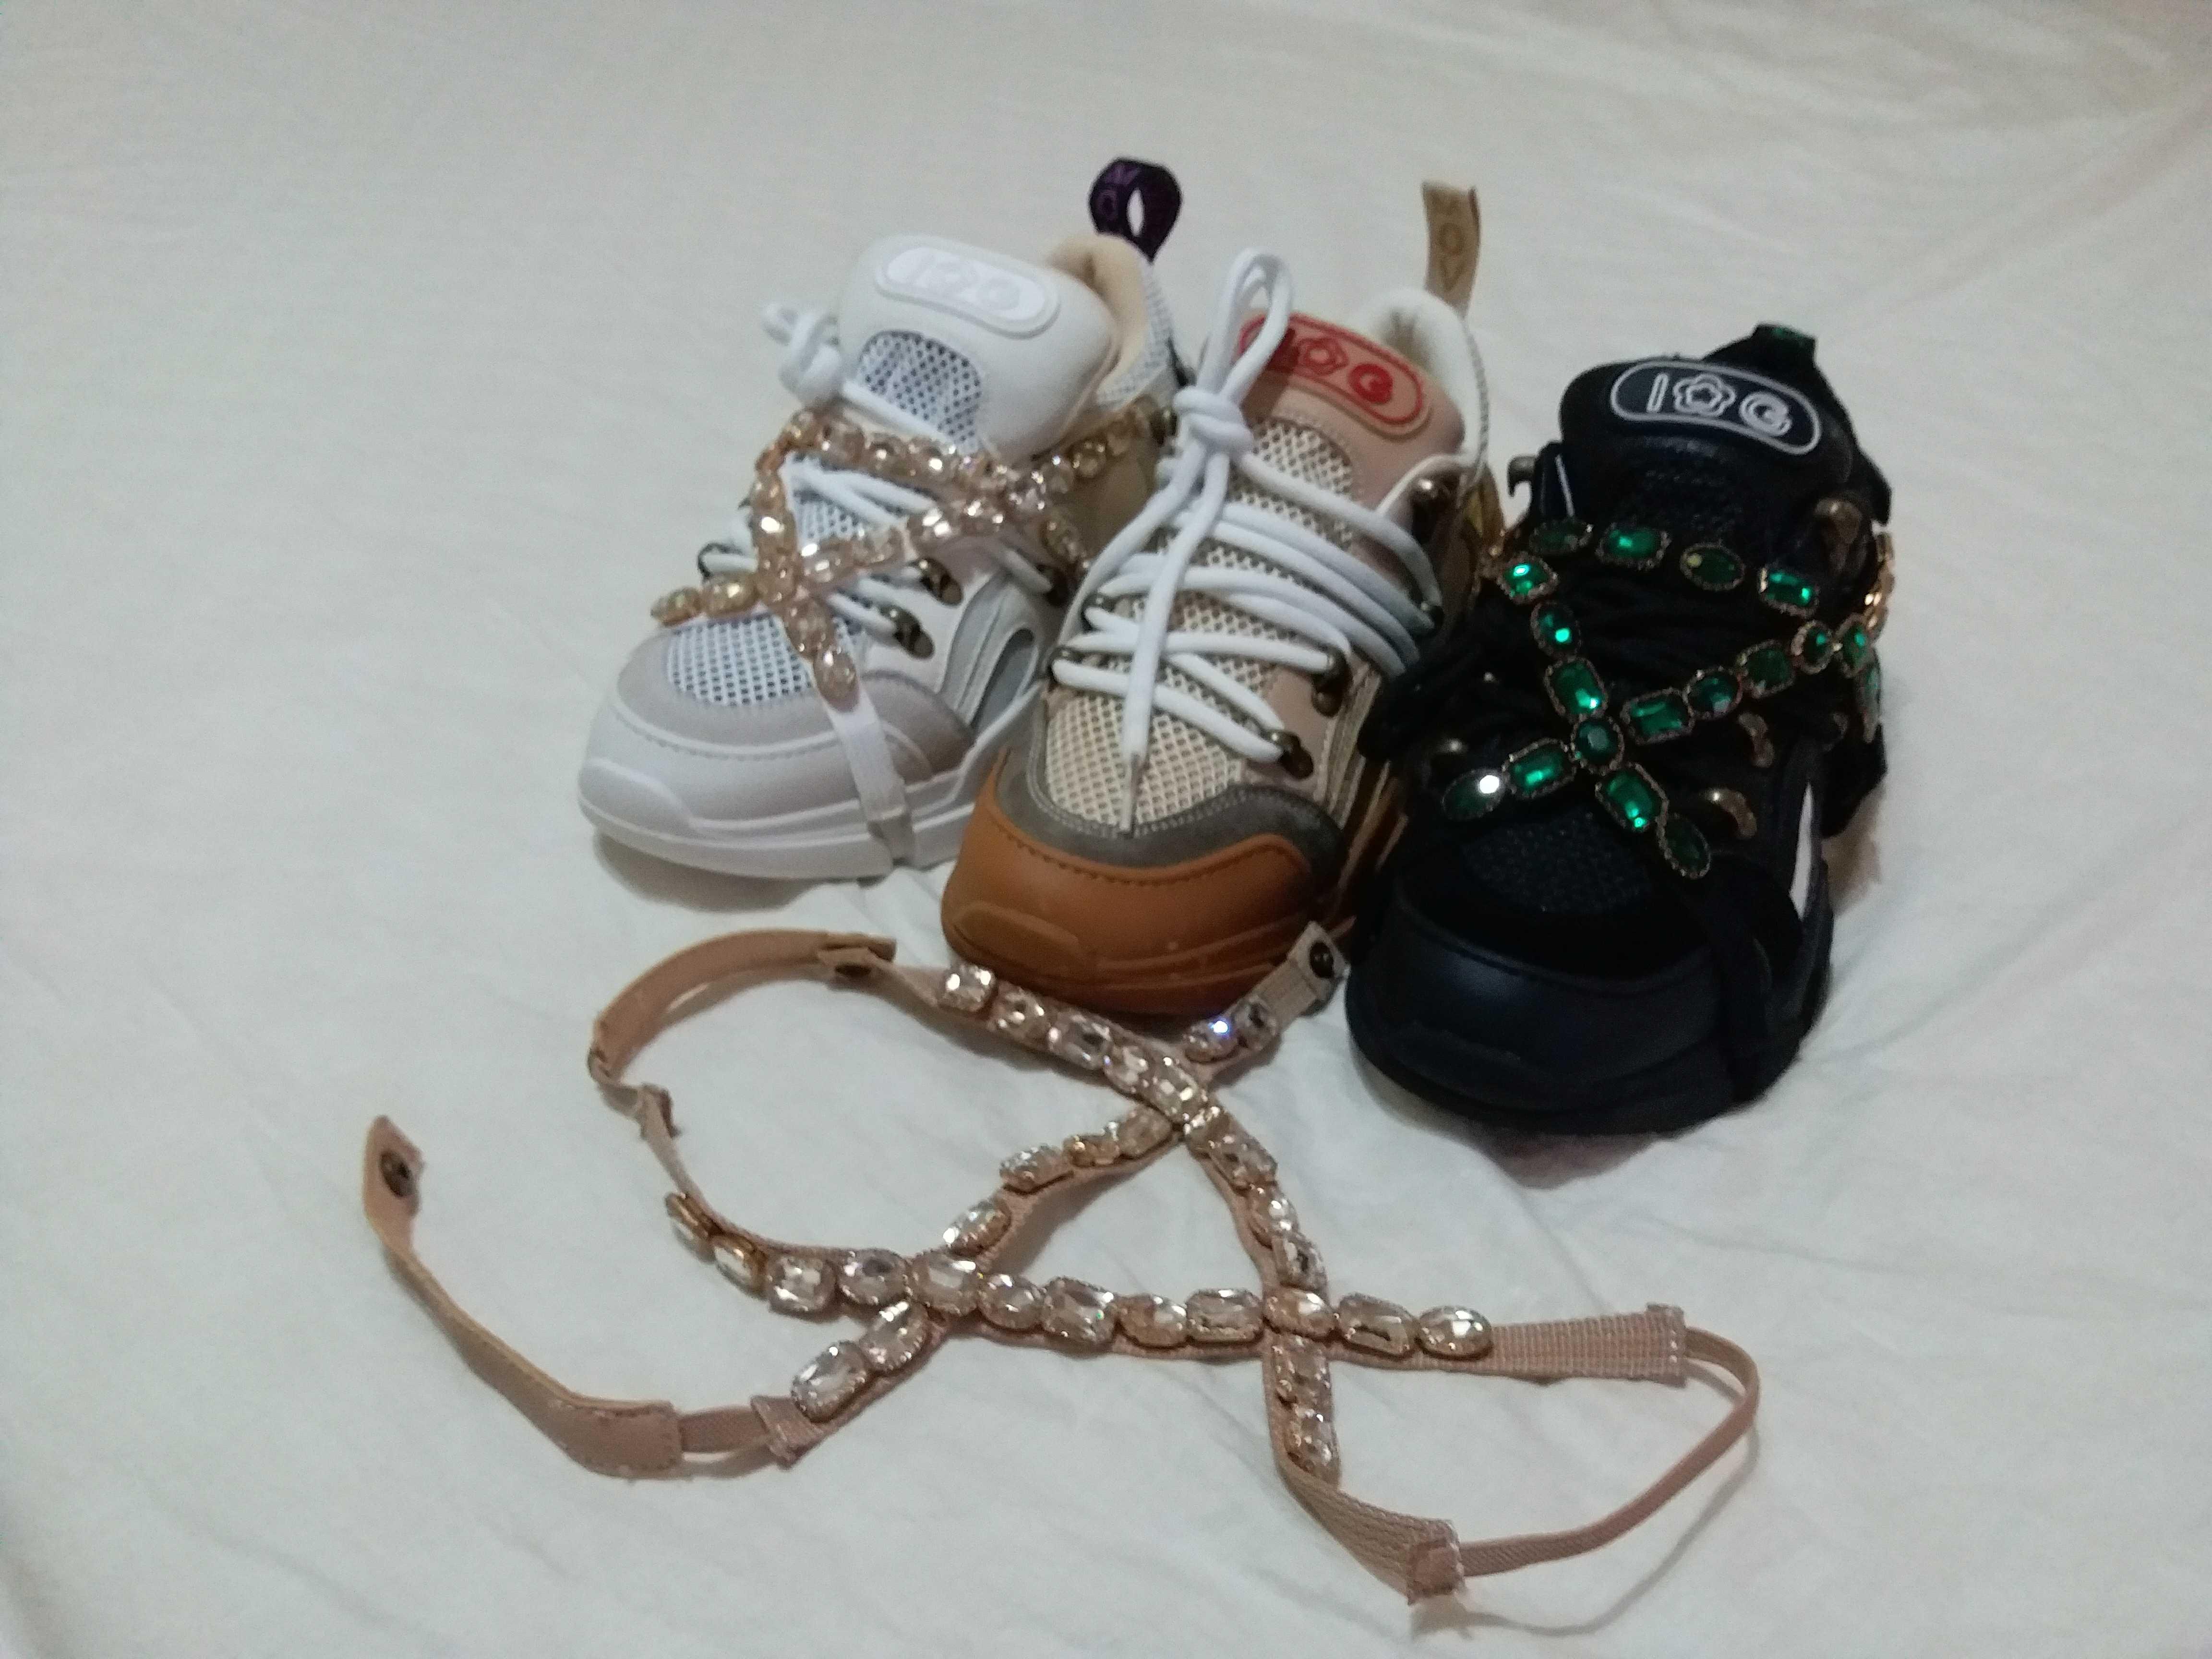 IG新款真皮牛皮女鞋透气网布圆头系带单鞋休闲运动低帮鞋8077-1